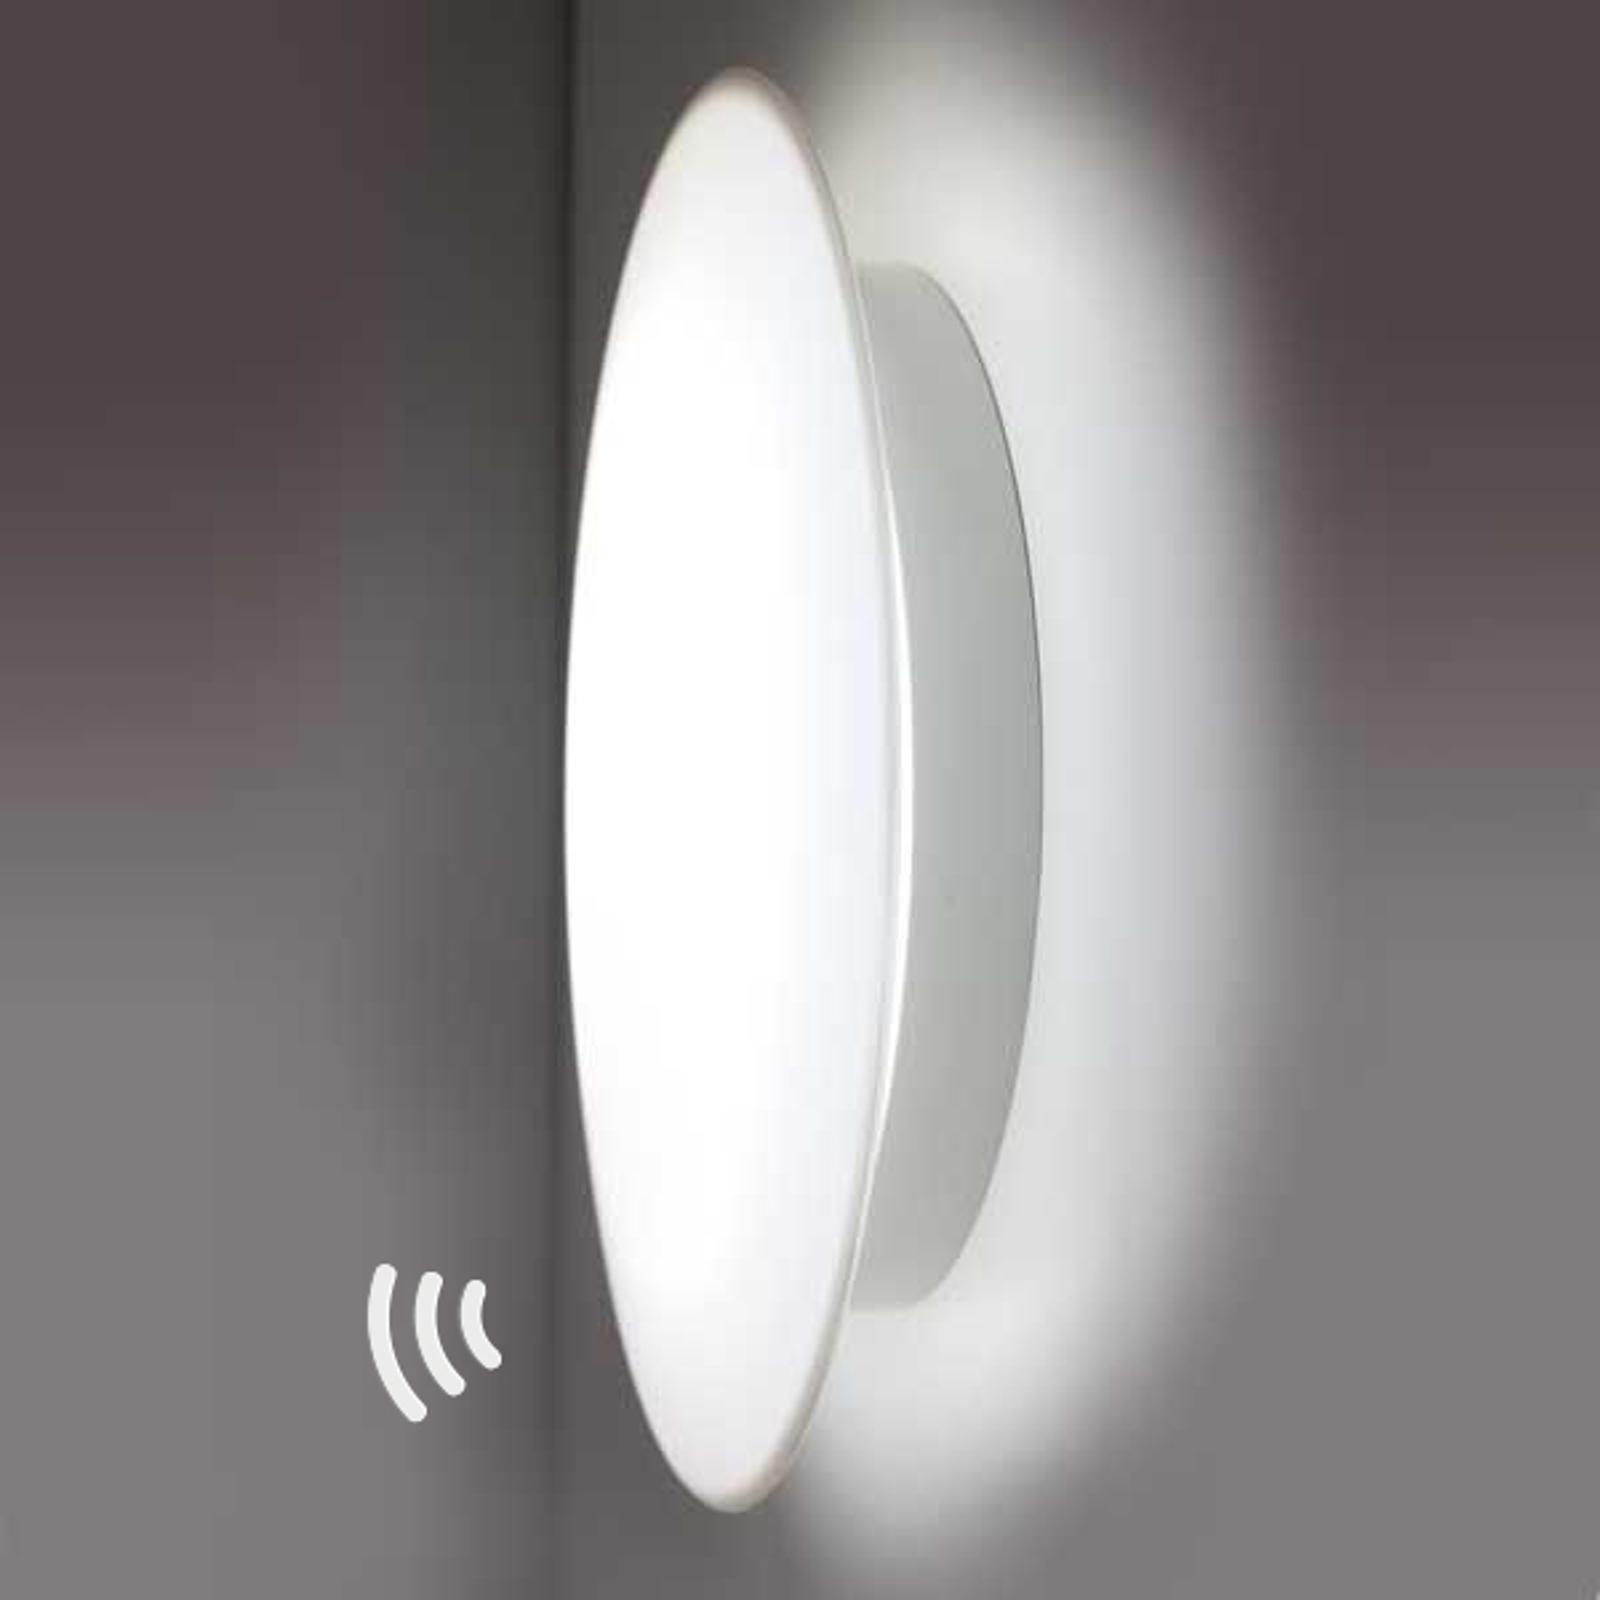 Luminaire LED SUN 3 blanc 13W 4K avec détect